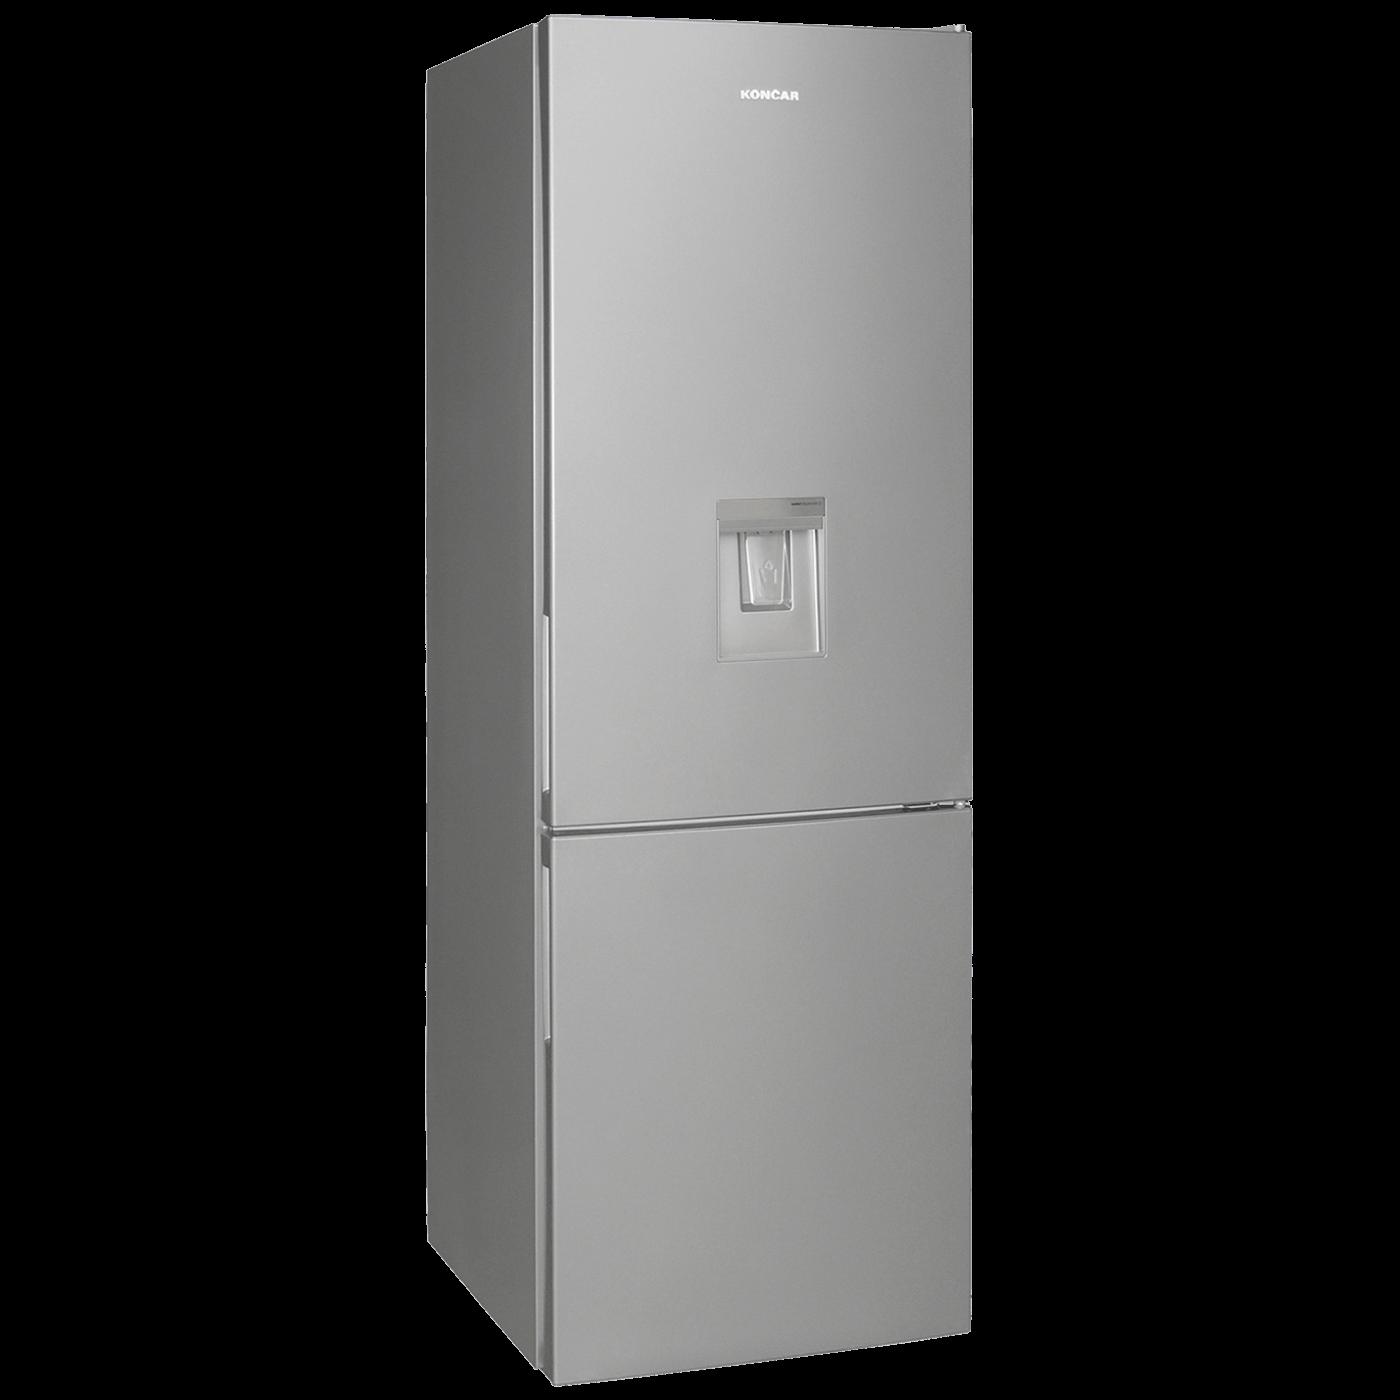 Frižider/Zamrzivač brutto zapremina 348 lit, A+